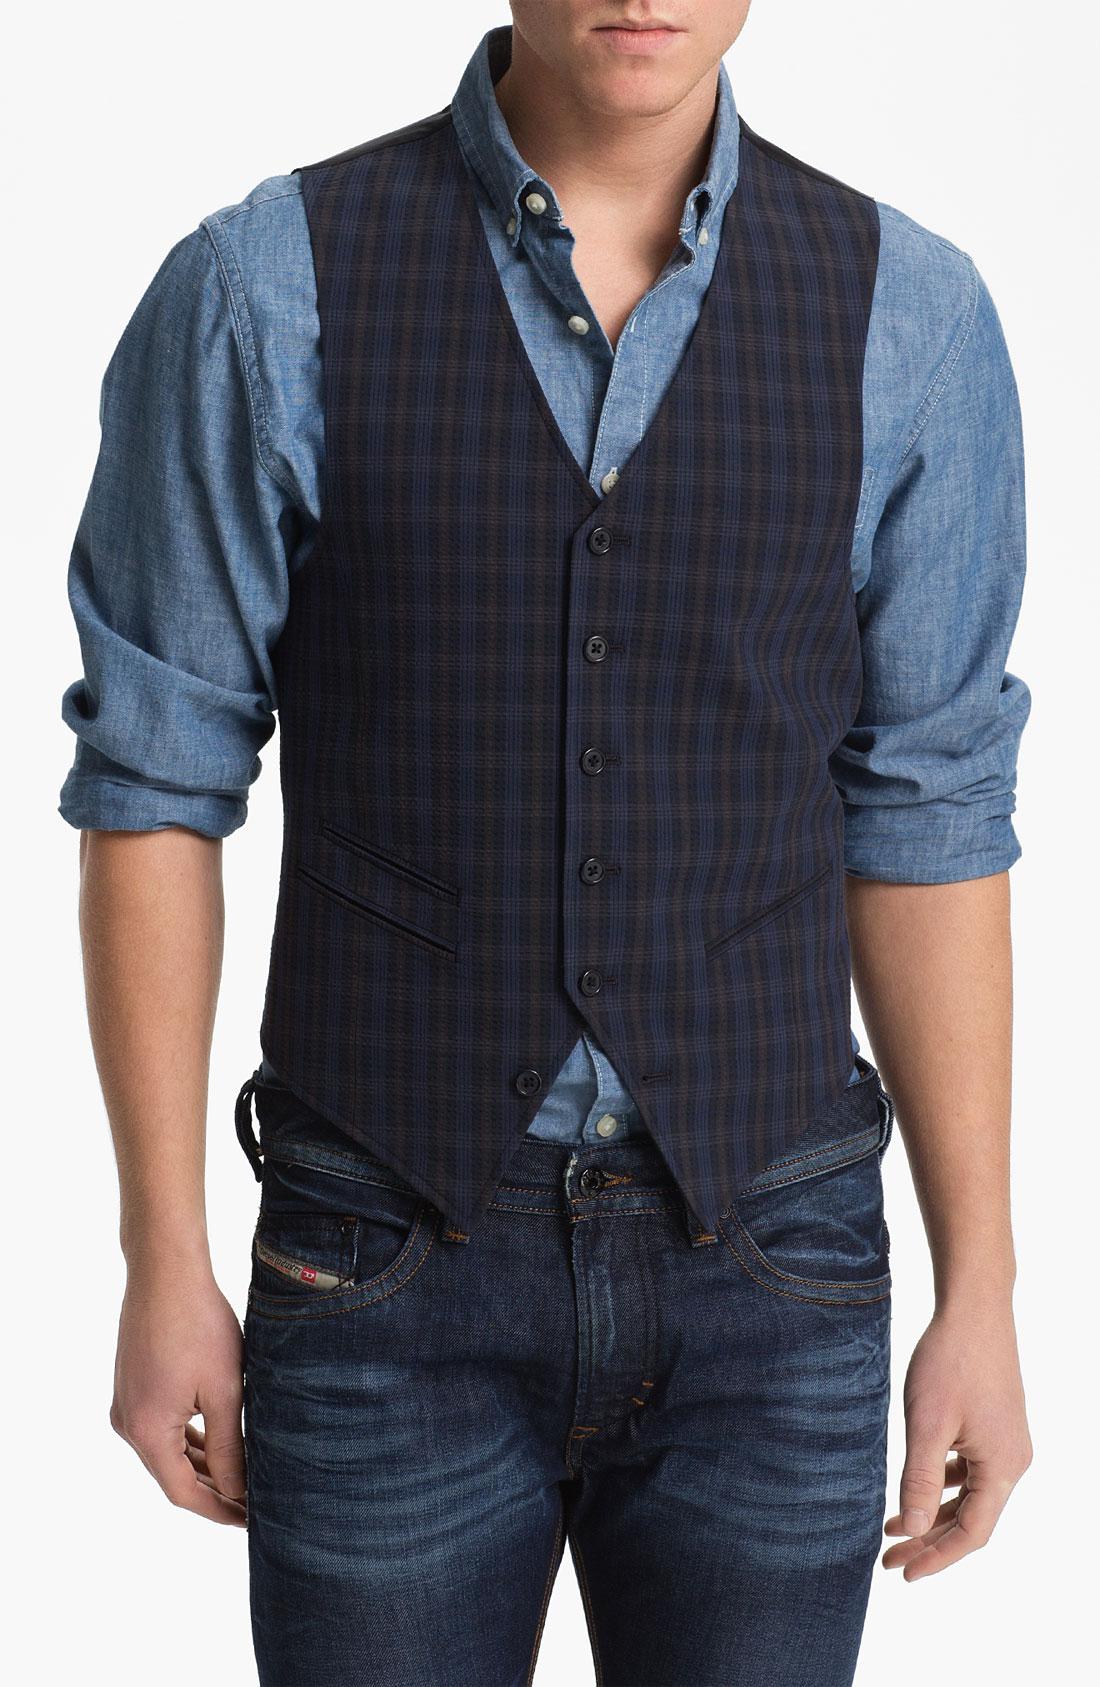 John Varvatos Plaid Vest In Blue For Men Lyst